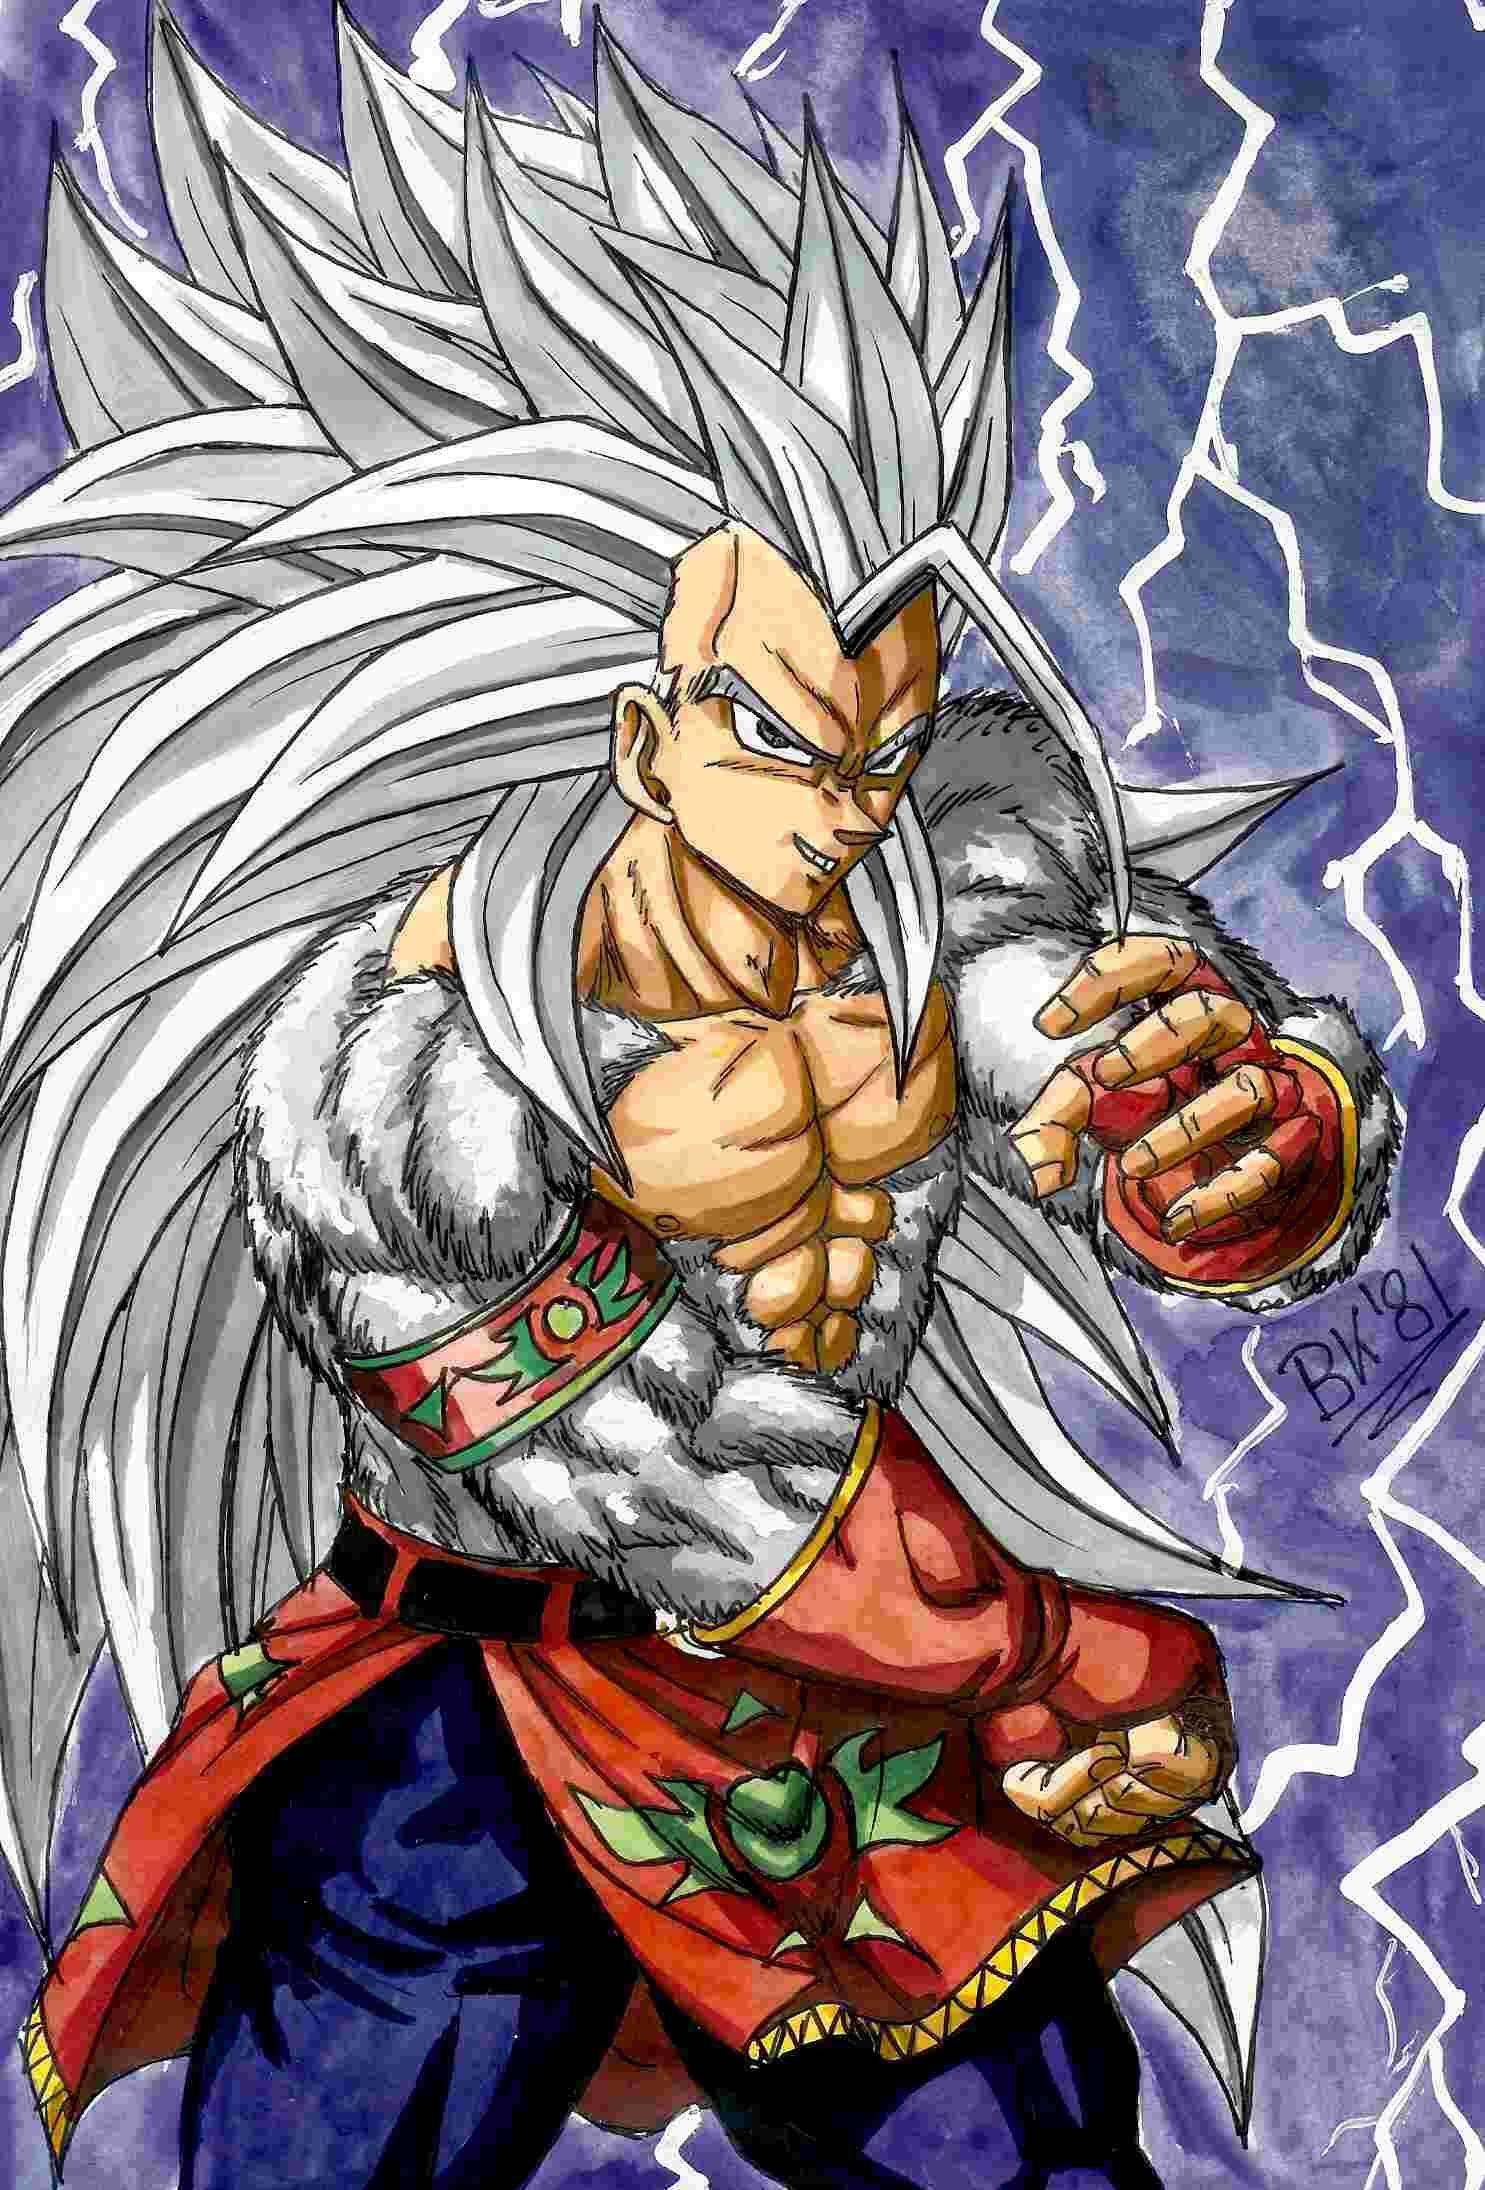 Vegeta Ssj5 Dragon Ball Wallpapers Anime Old Goku